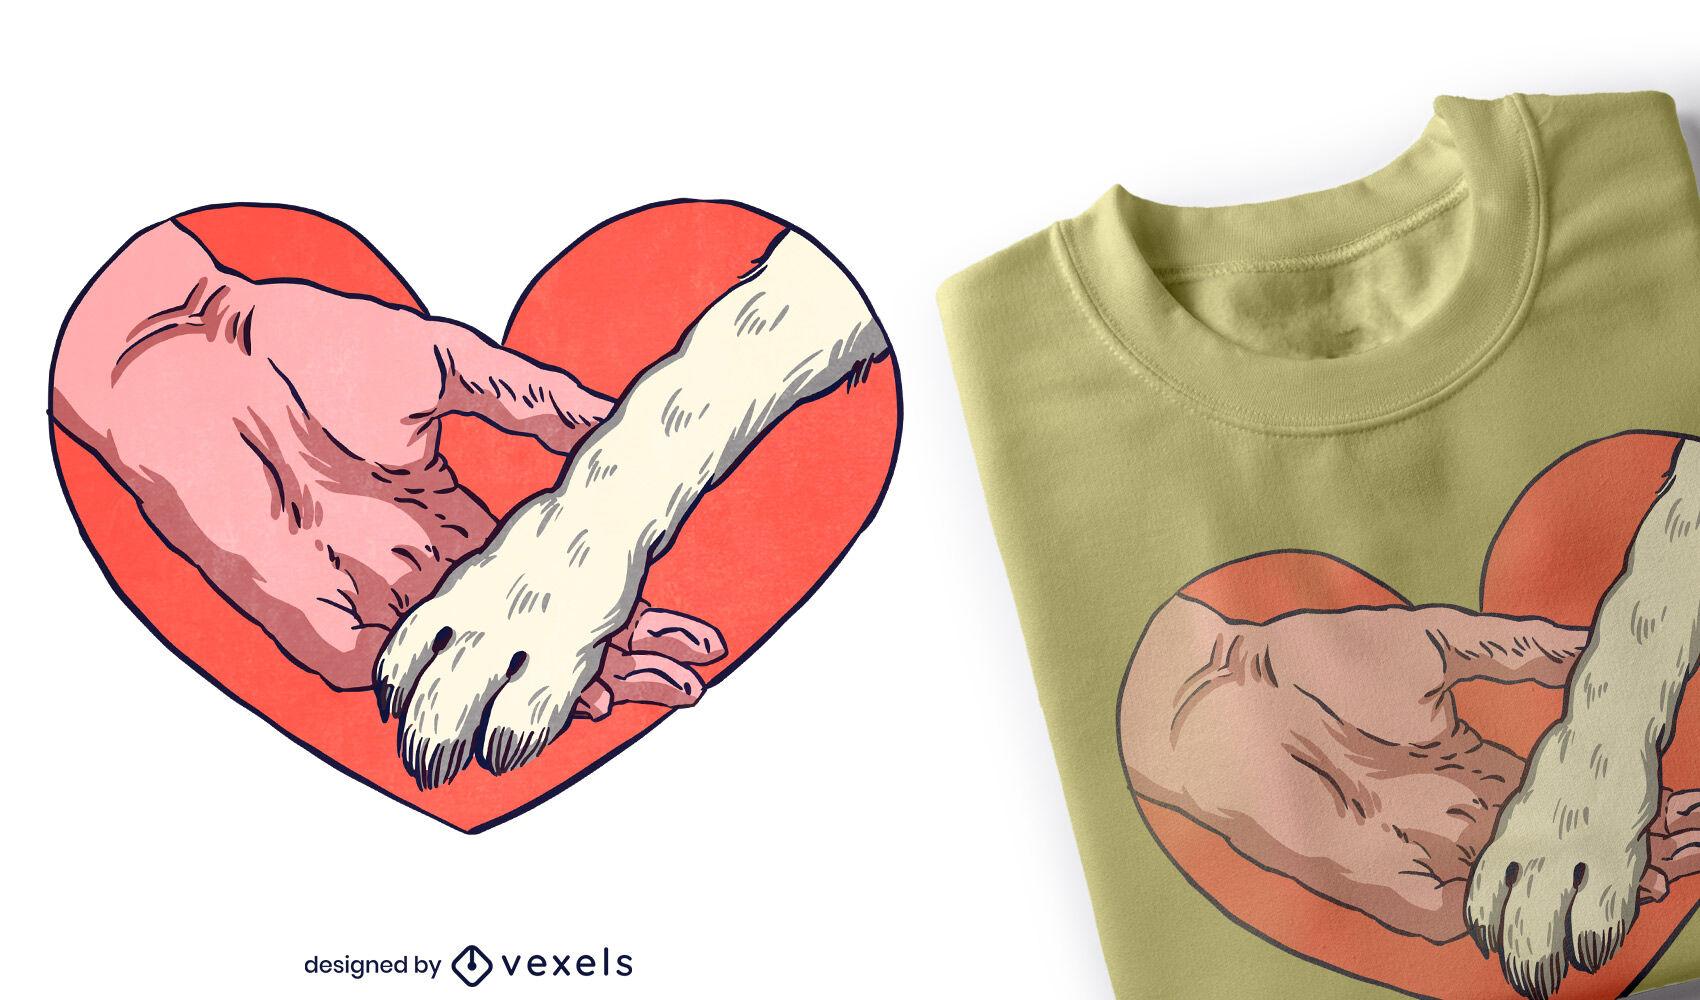 Pata de animal y mano humana en dise?o de camiseta de coraz?n